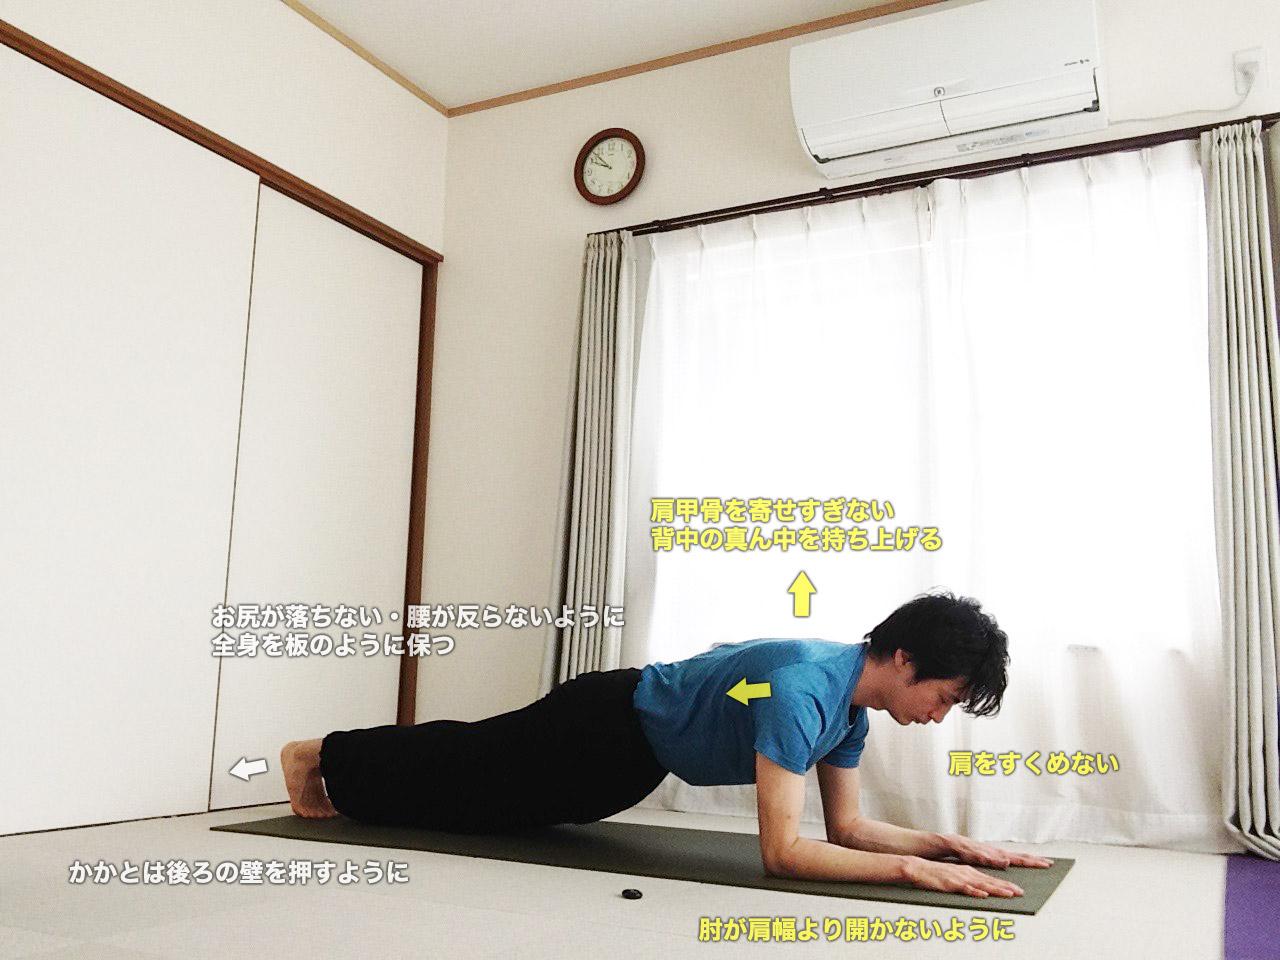 ドルフィンプランクポーズ 〜二の腕のシェイプアップ・バストアップ・肩周りの姿勢を整える〜